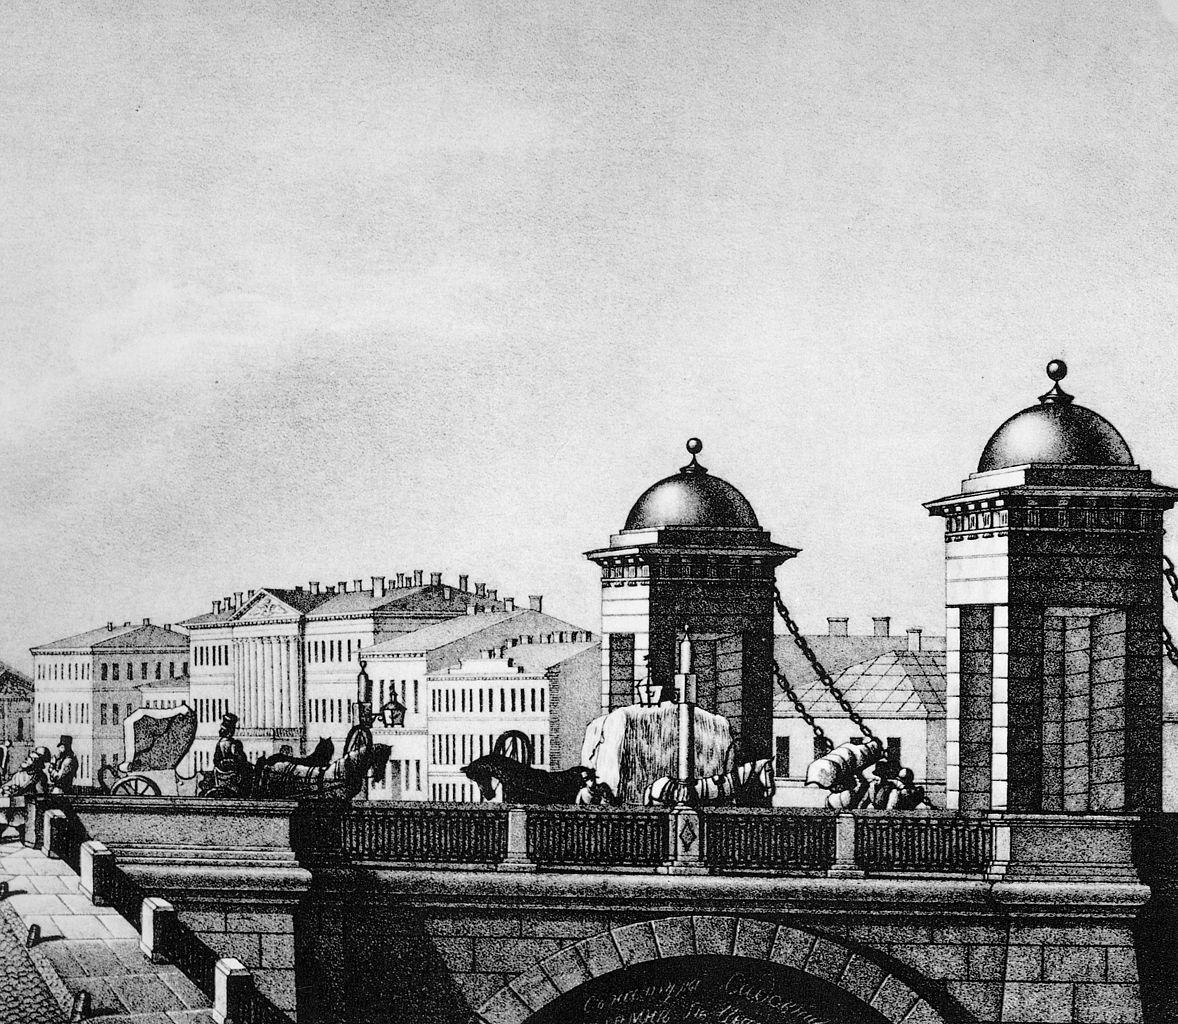 Аничков мост в 1830-х годах. Автор: Василий Семёнович Садовников (Wikimedia Commons)